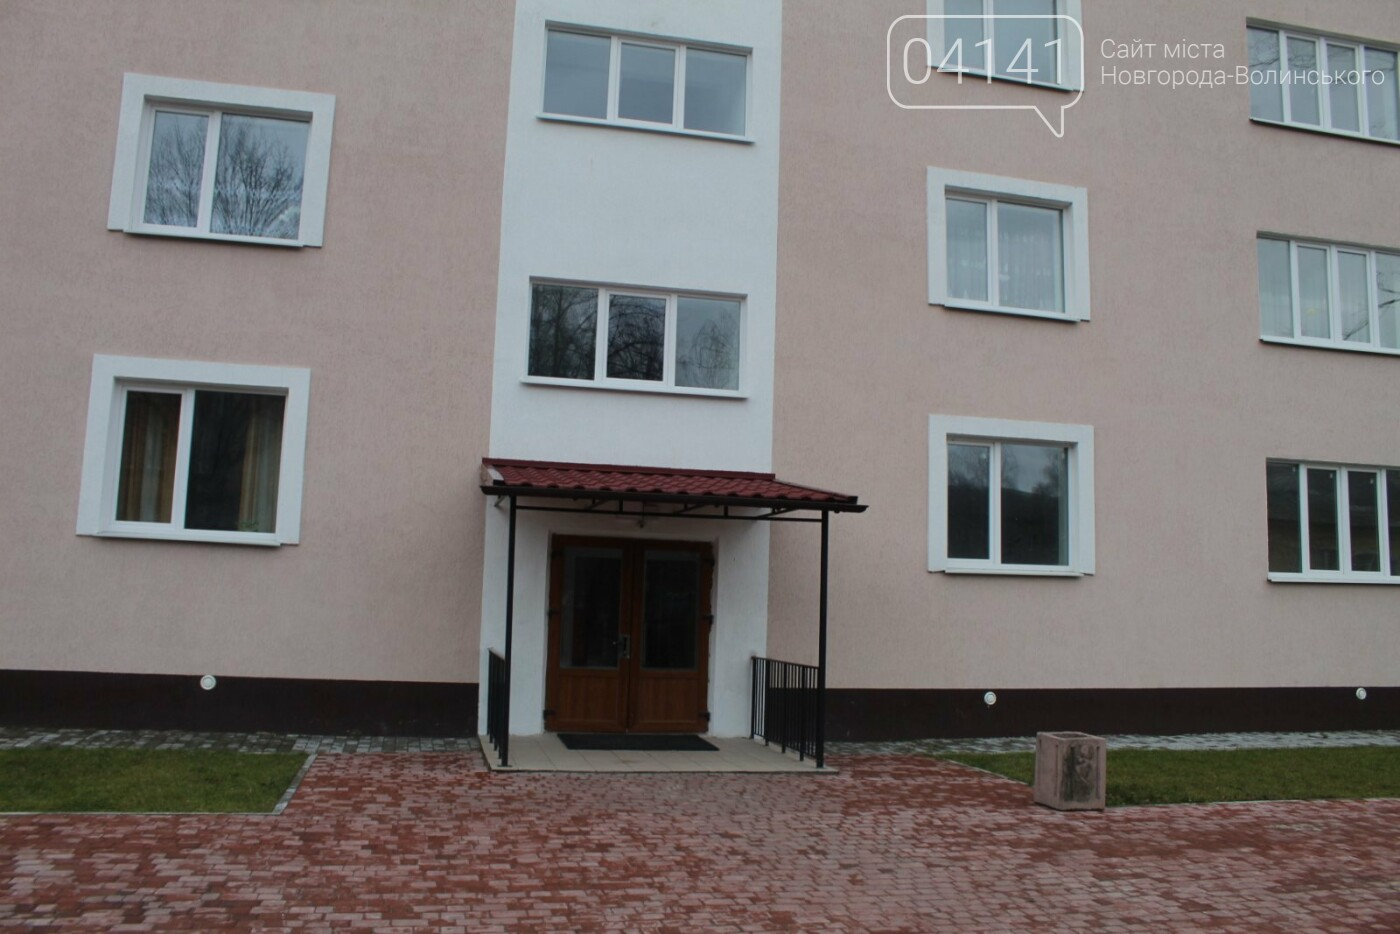 Як виглядають новобудови Новограда-Волинського (ФОТОРЕПОРТАЖ), фото-25